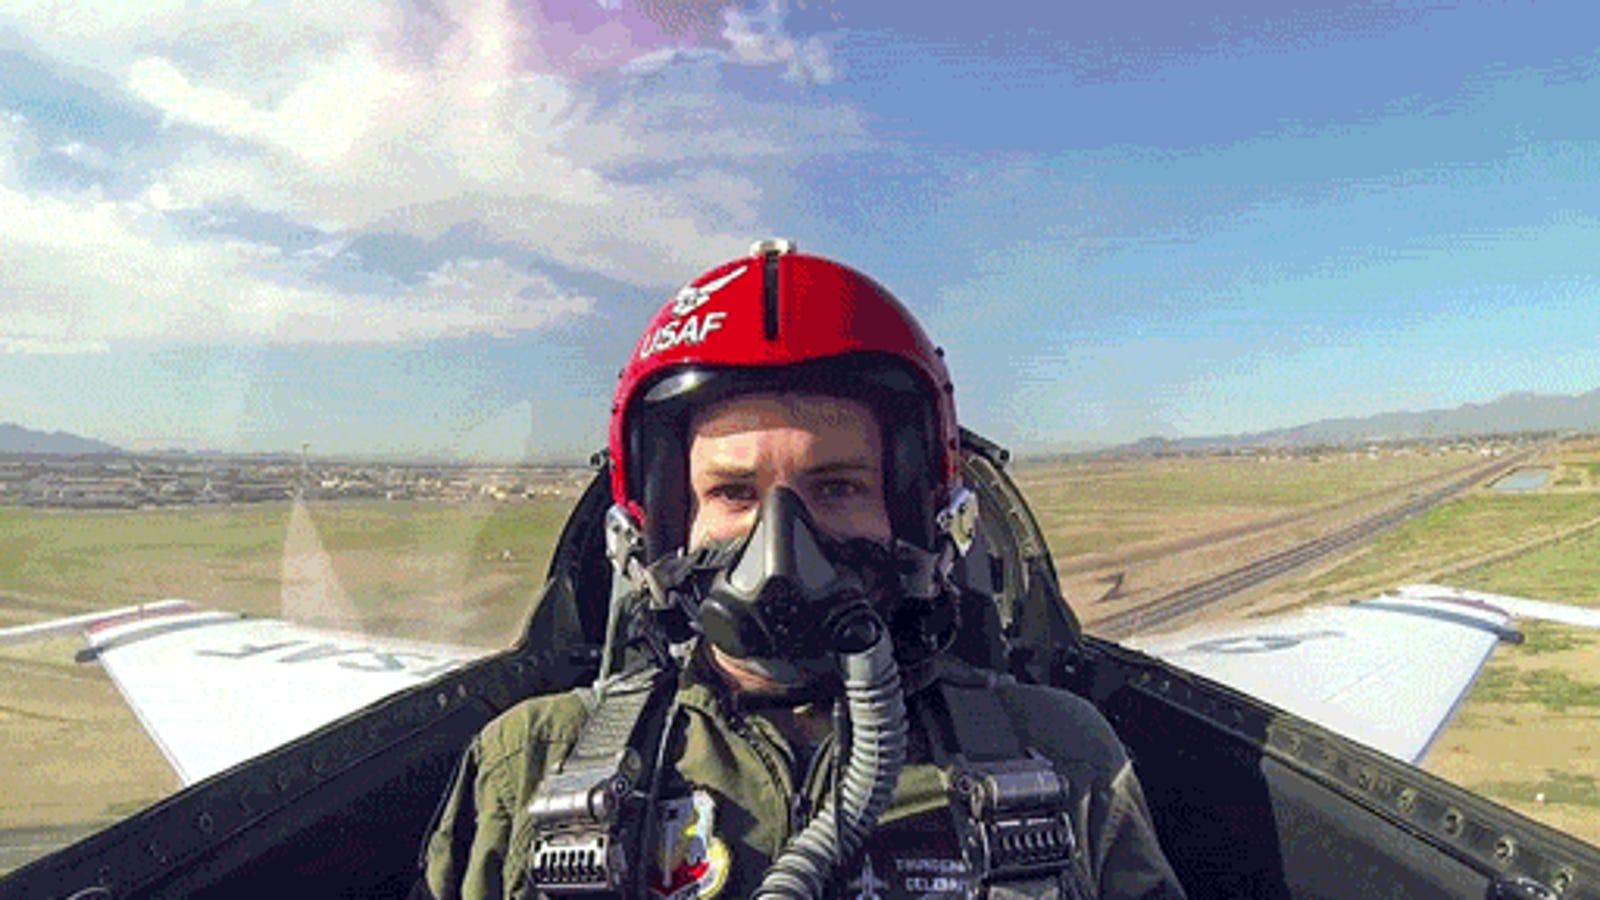 Cómo reacciona una persona normal al volar por primera vez en un F-16